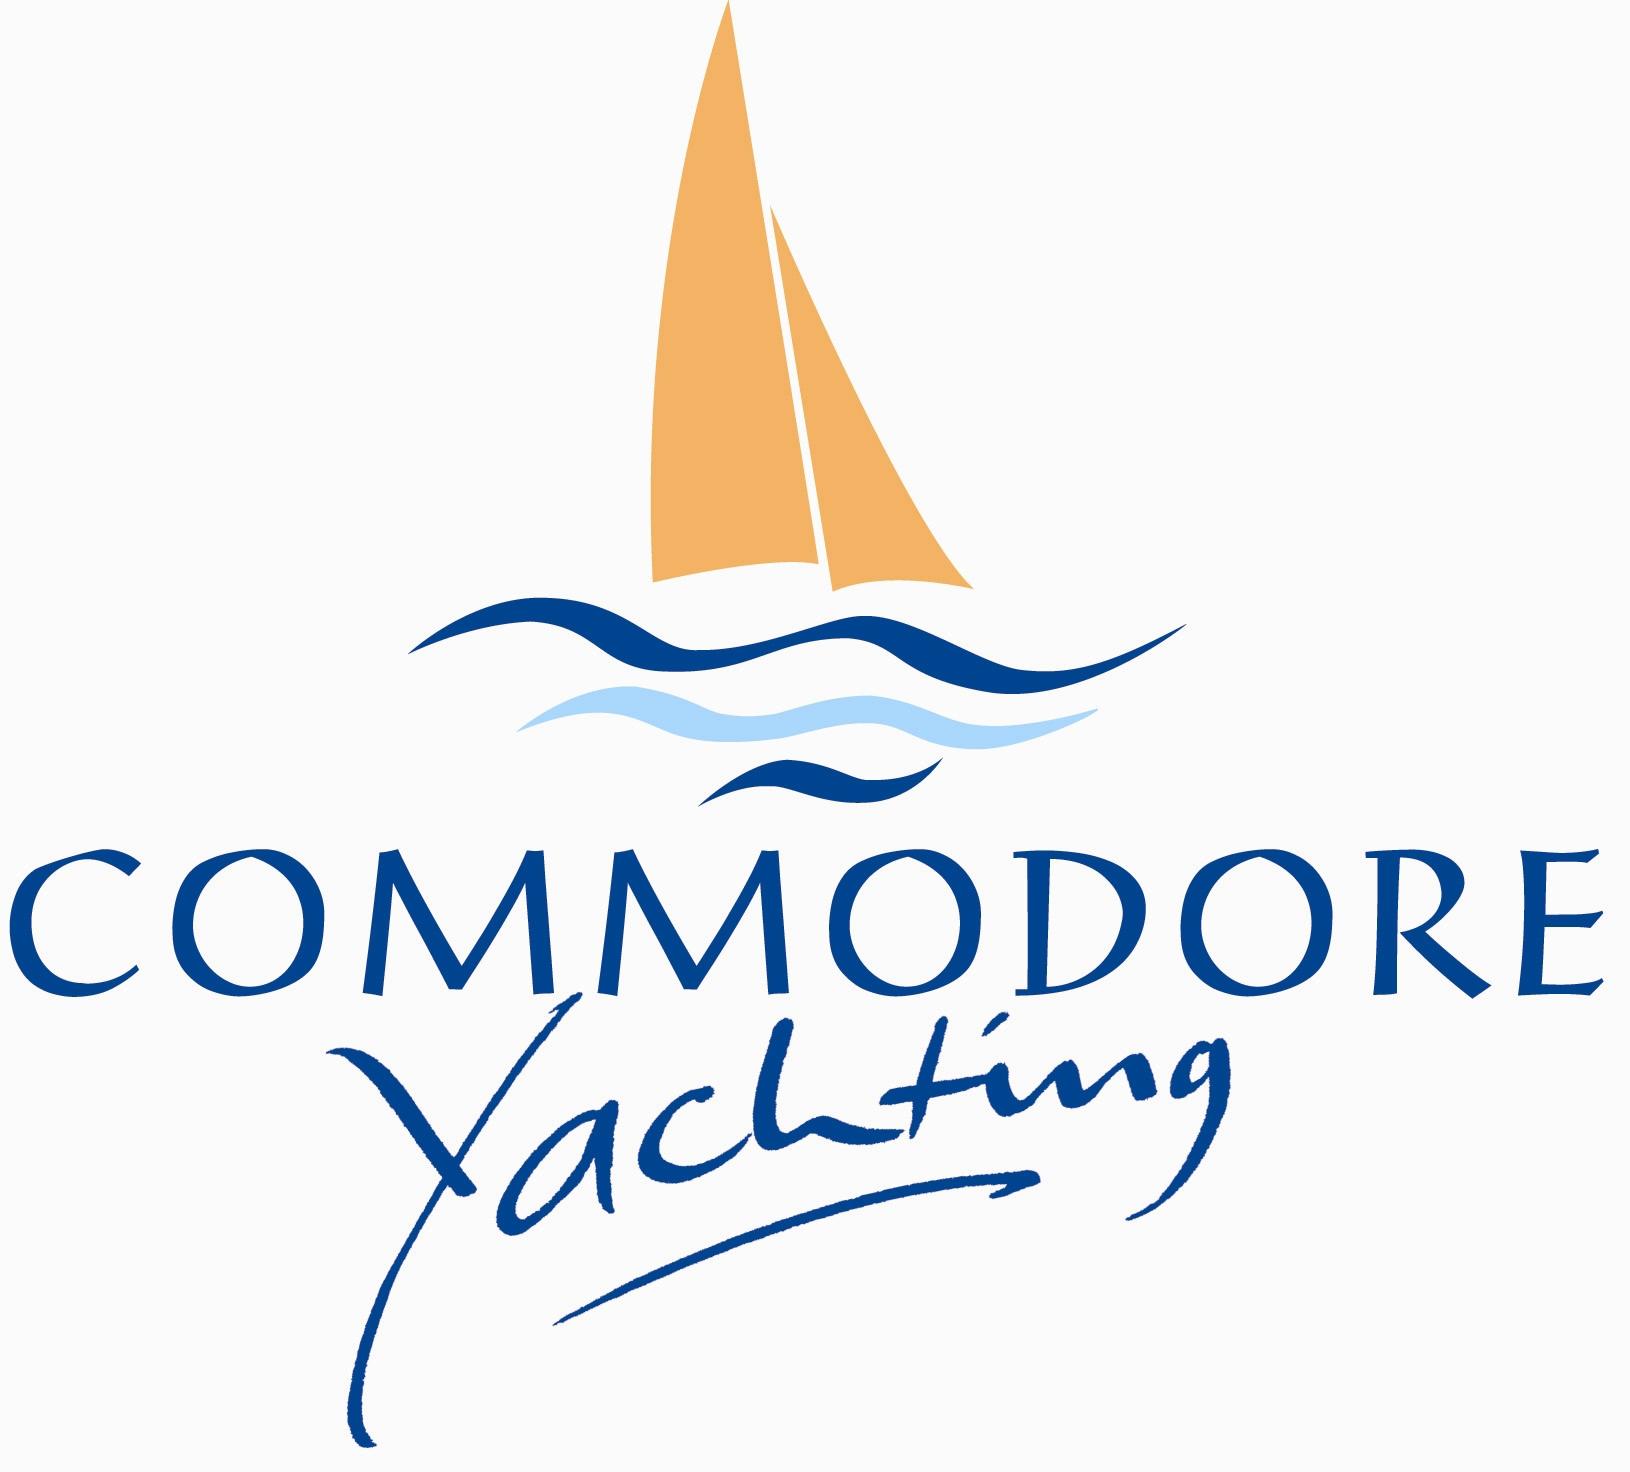 Commodore Yachting Logo